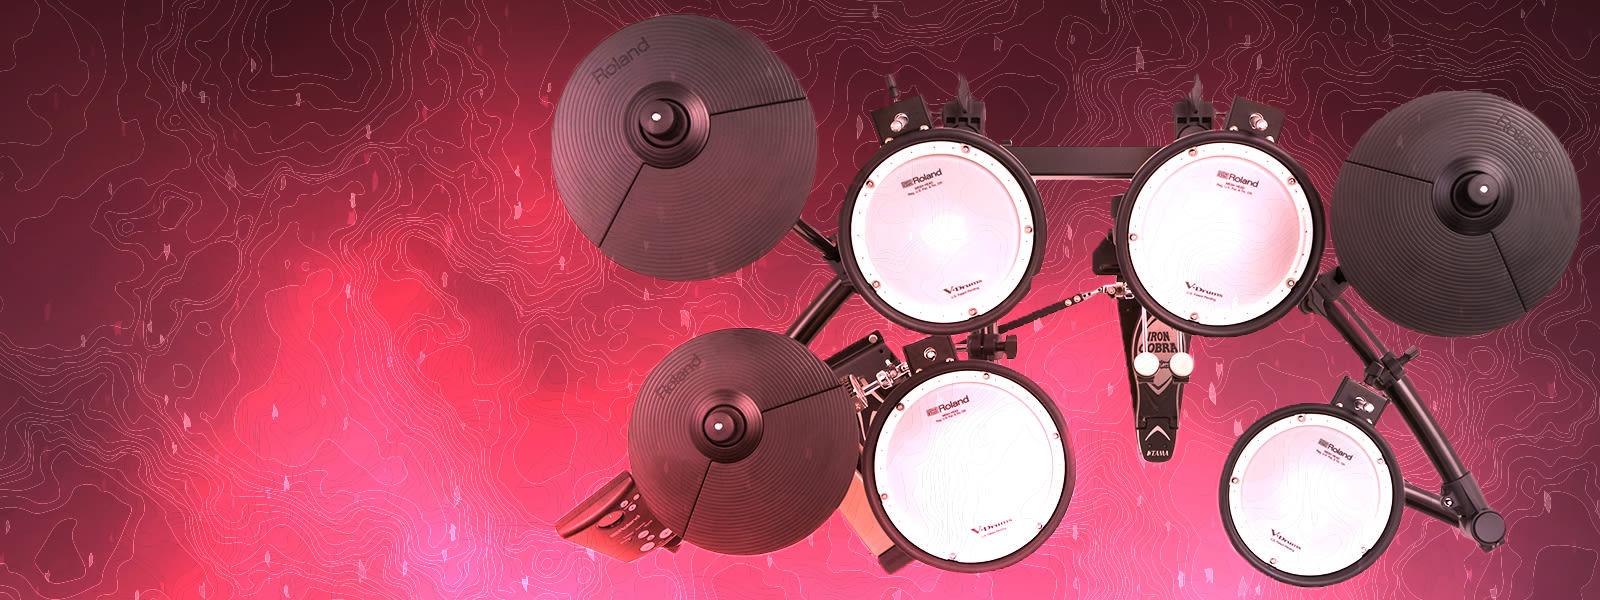 Chicago Music Exchange Way Fender Switch Wiring Help Telecaster Guitar Forum Roland Td 1dmk V Drums